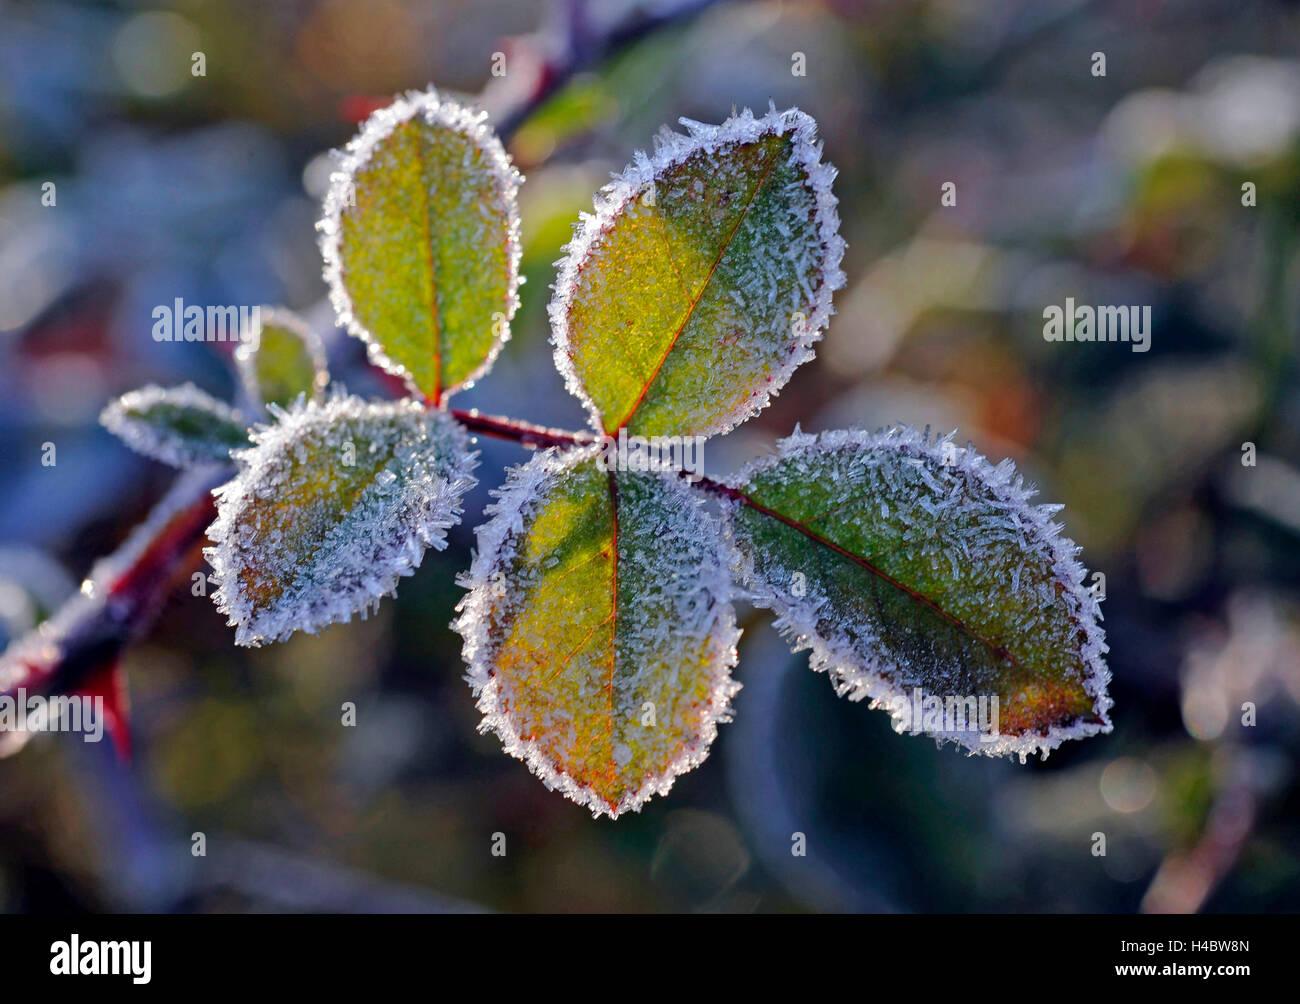 Aumentó el follaje de la escalada rosas simpatía en el jardín, la llegada del invierno, la escarcha Imagen De Stock